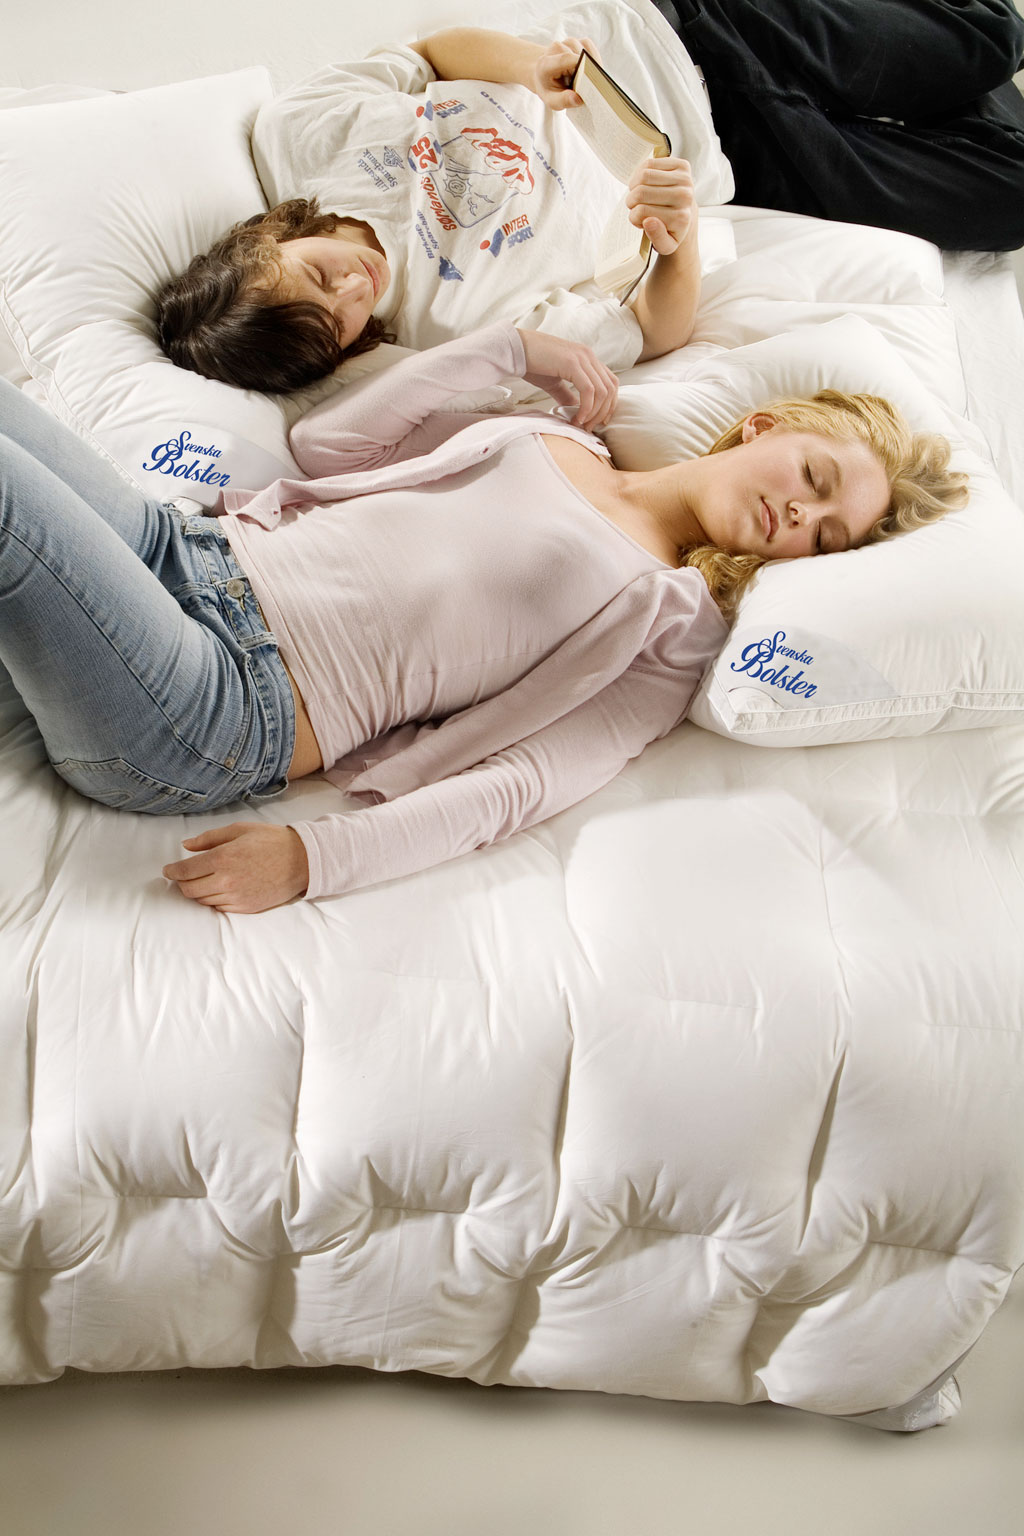 Dun-par-på-säng-utan-logga